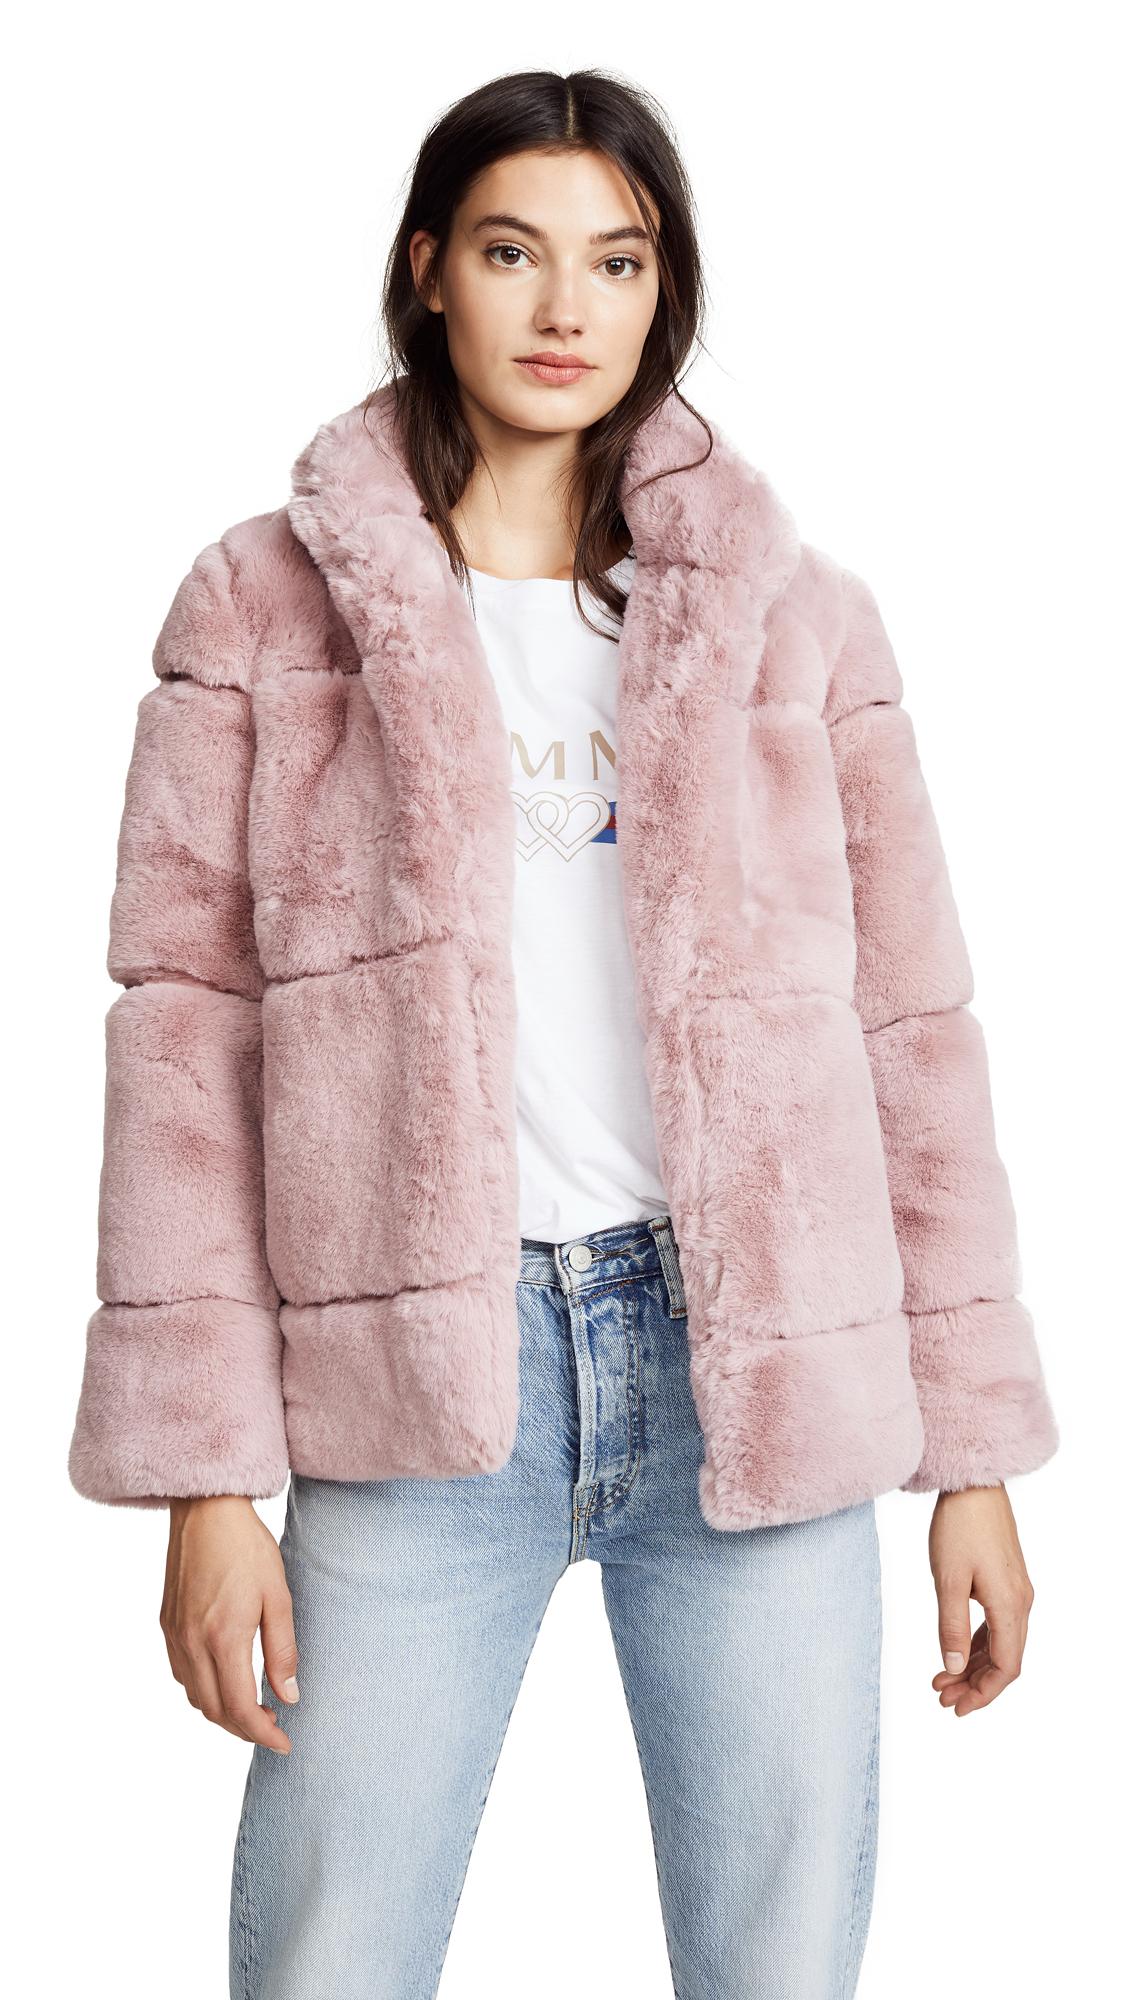 Apparis Sarah Quilted Fur Coat In Mauve